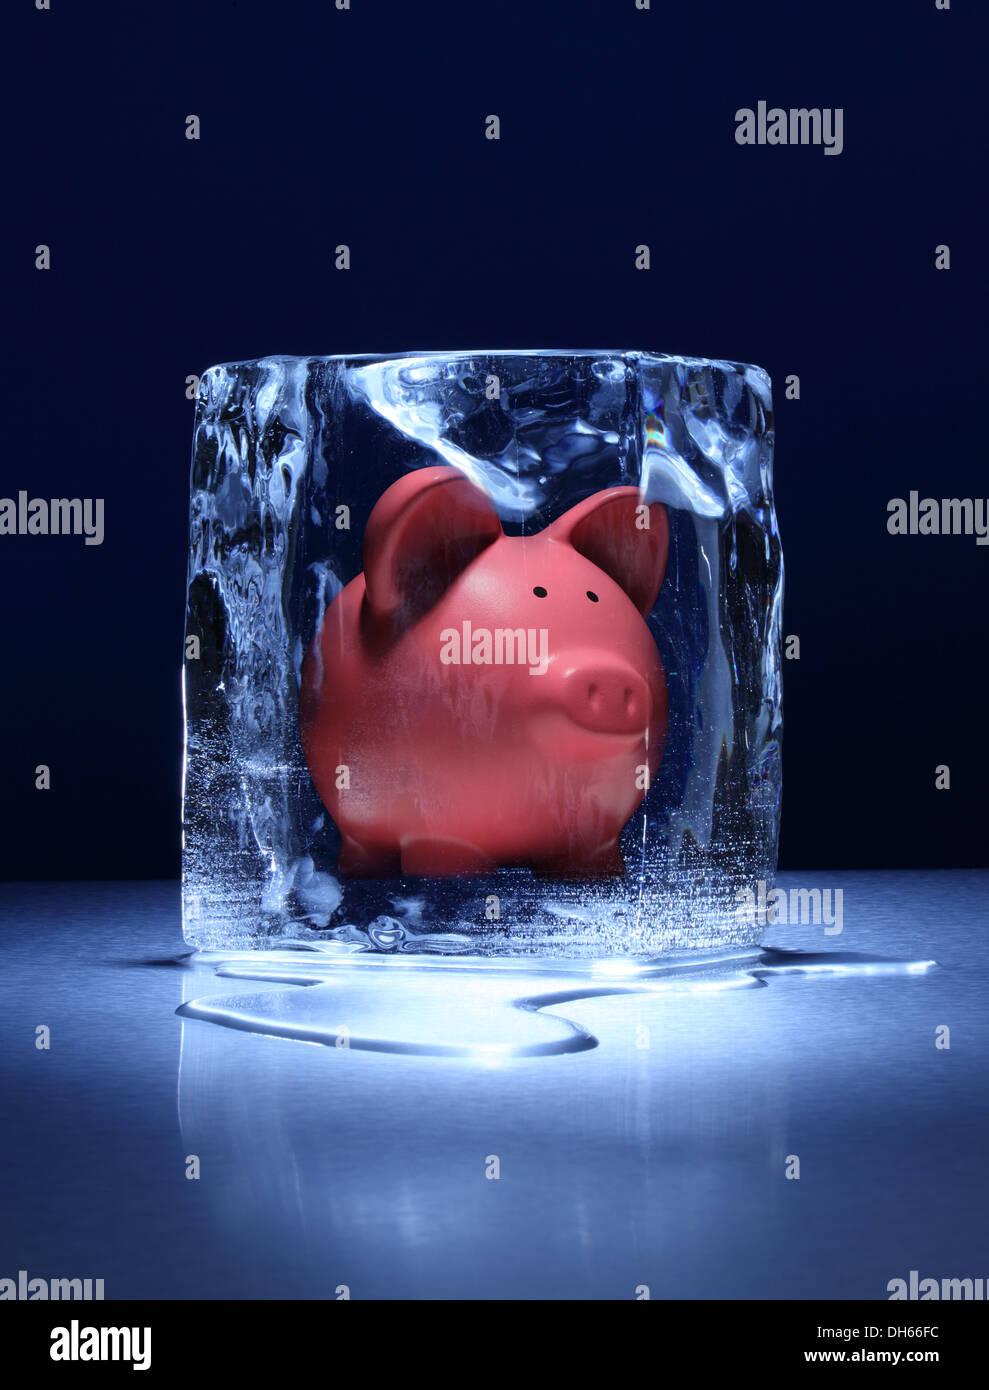 Ein rosa Piggy Spardose in einem klaren Eisblock eingefroren Stockbild